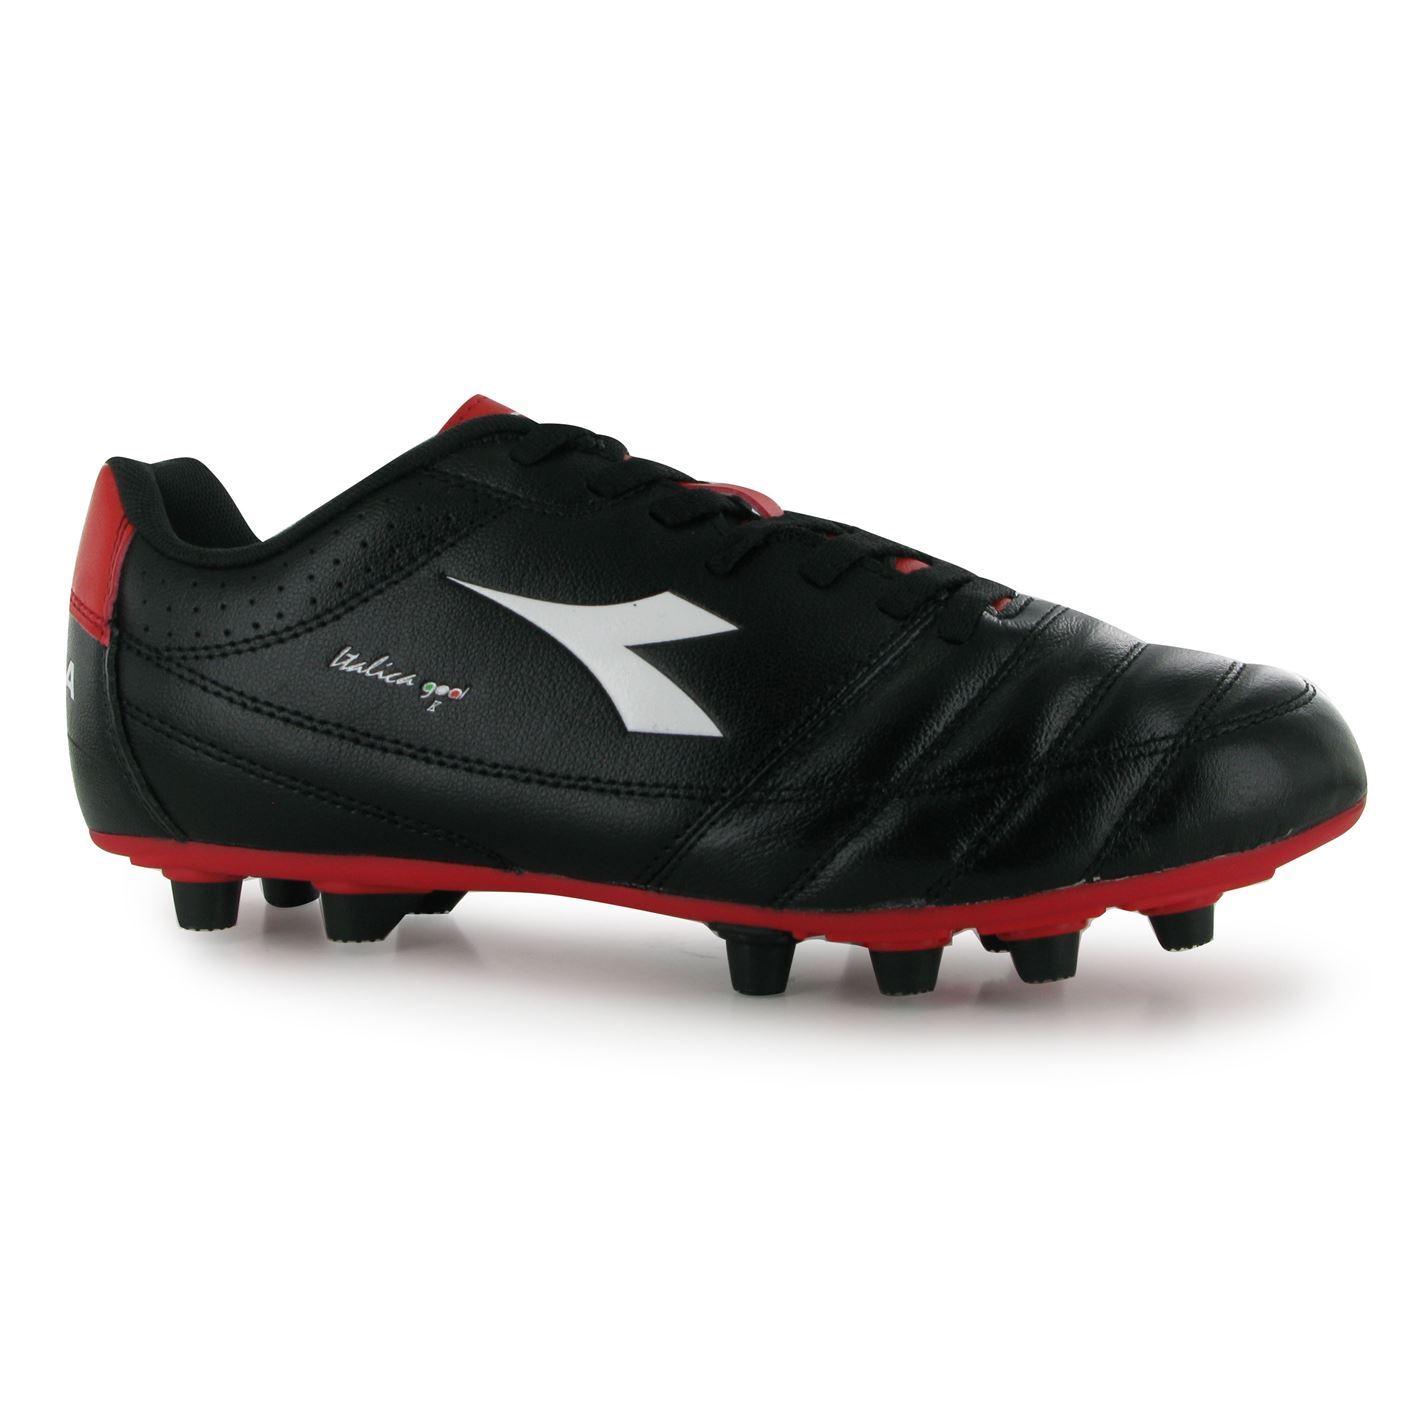 diadora football boots - photo #32